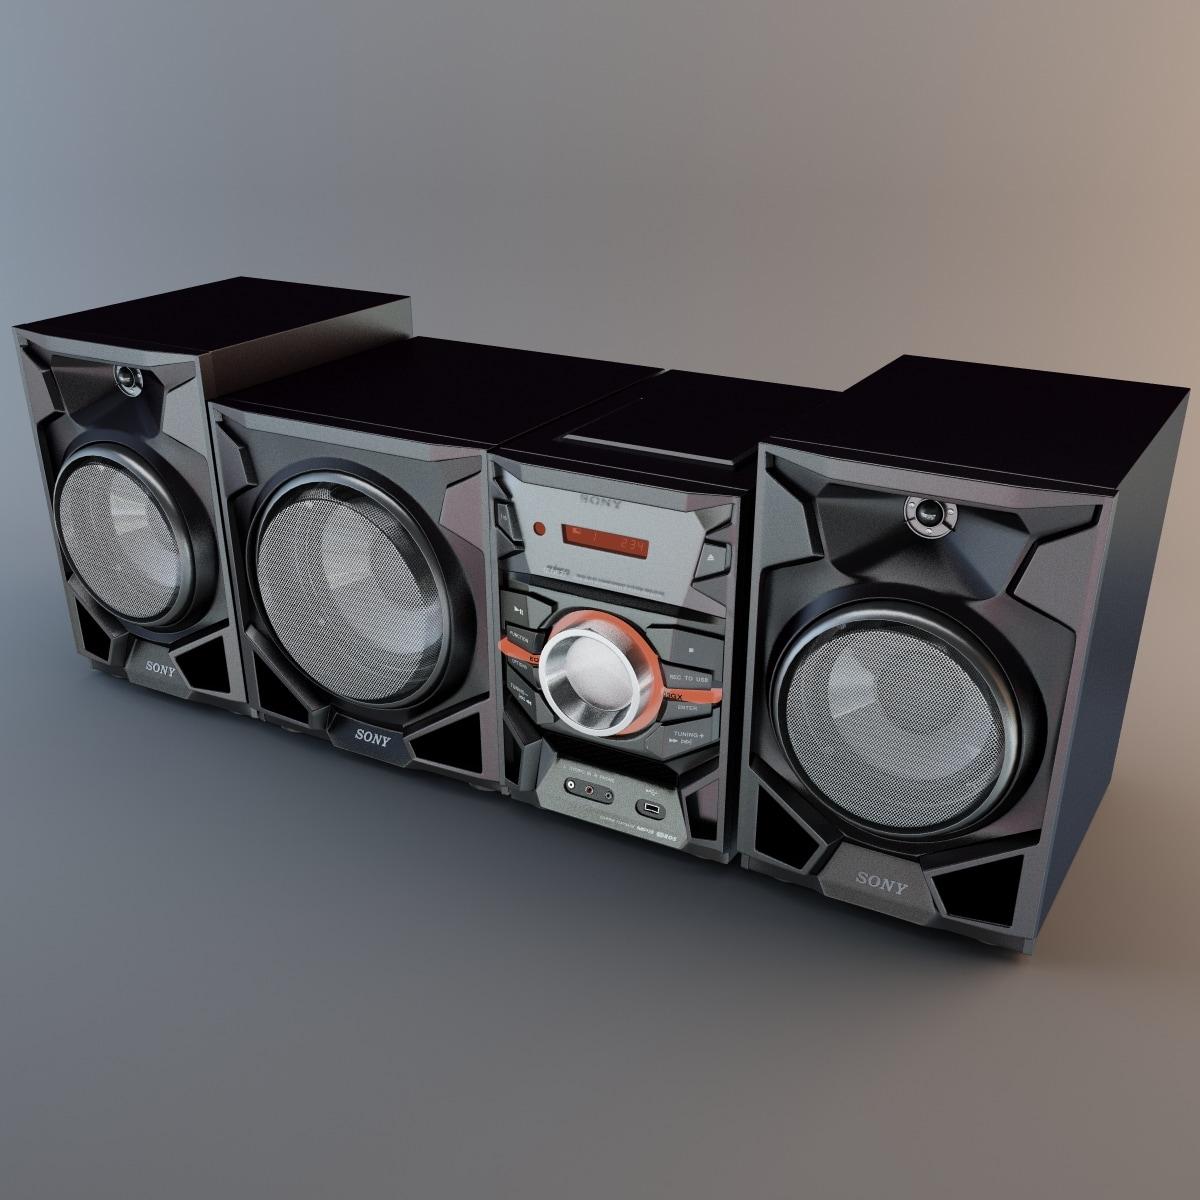 3d model sony mhc ex900 double